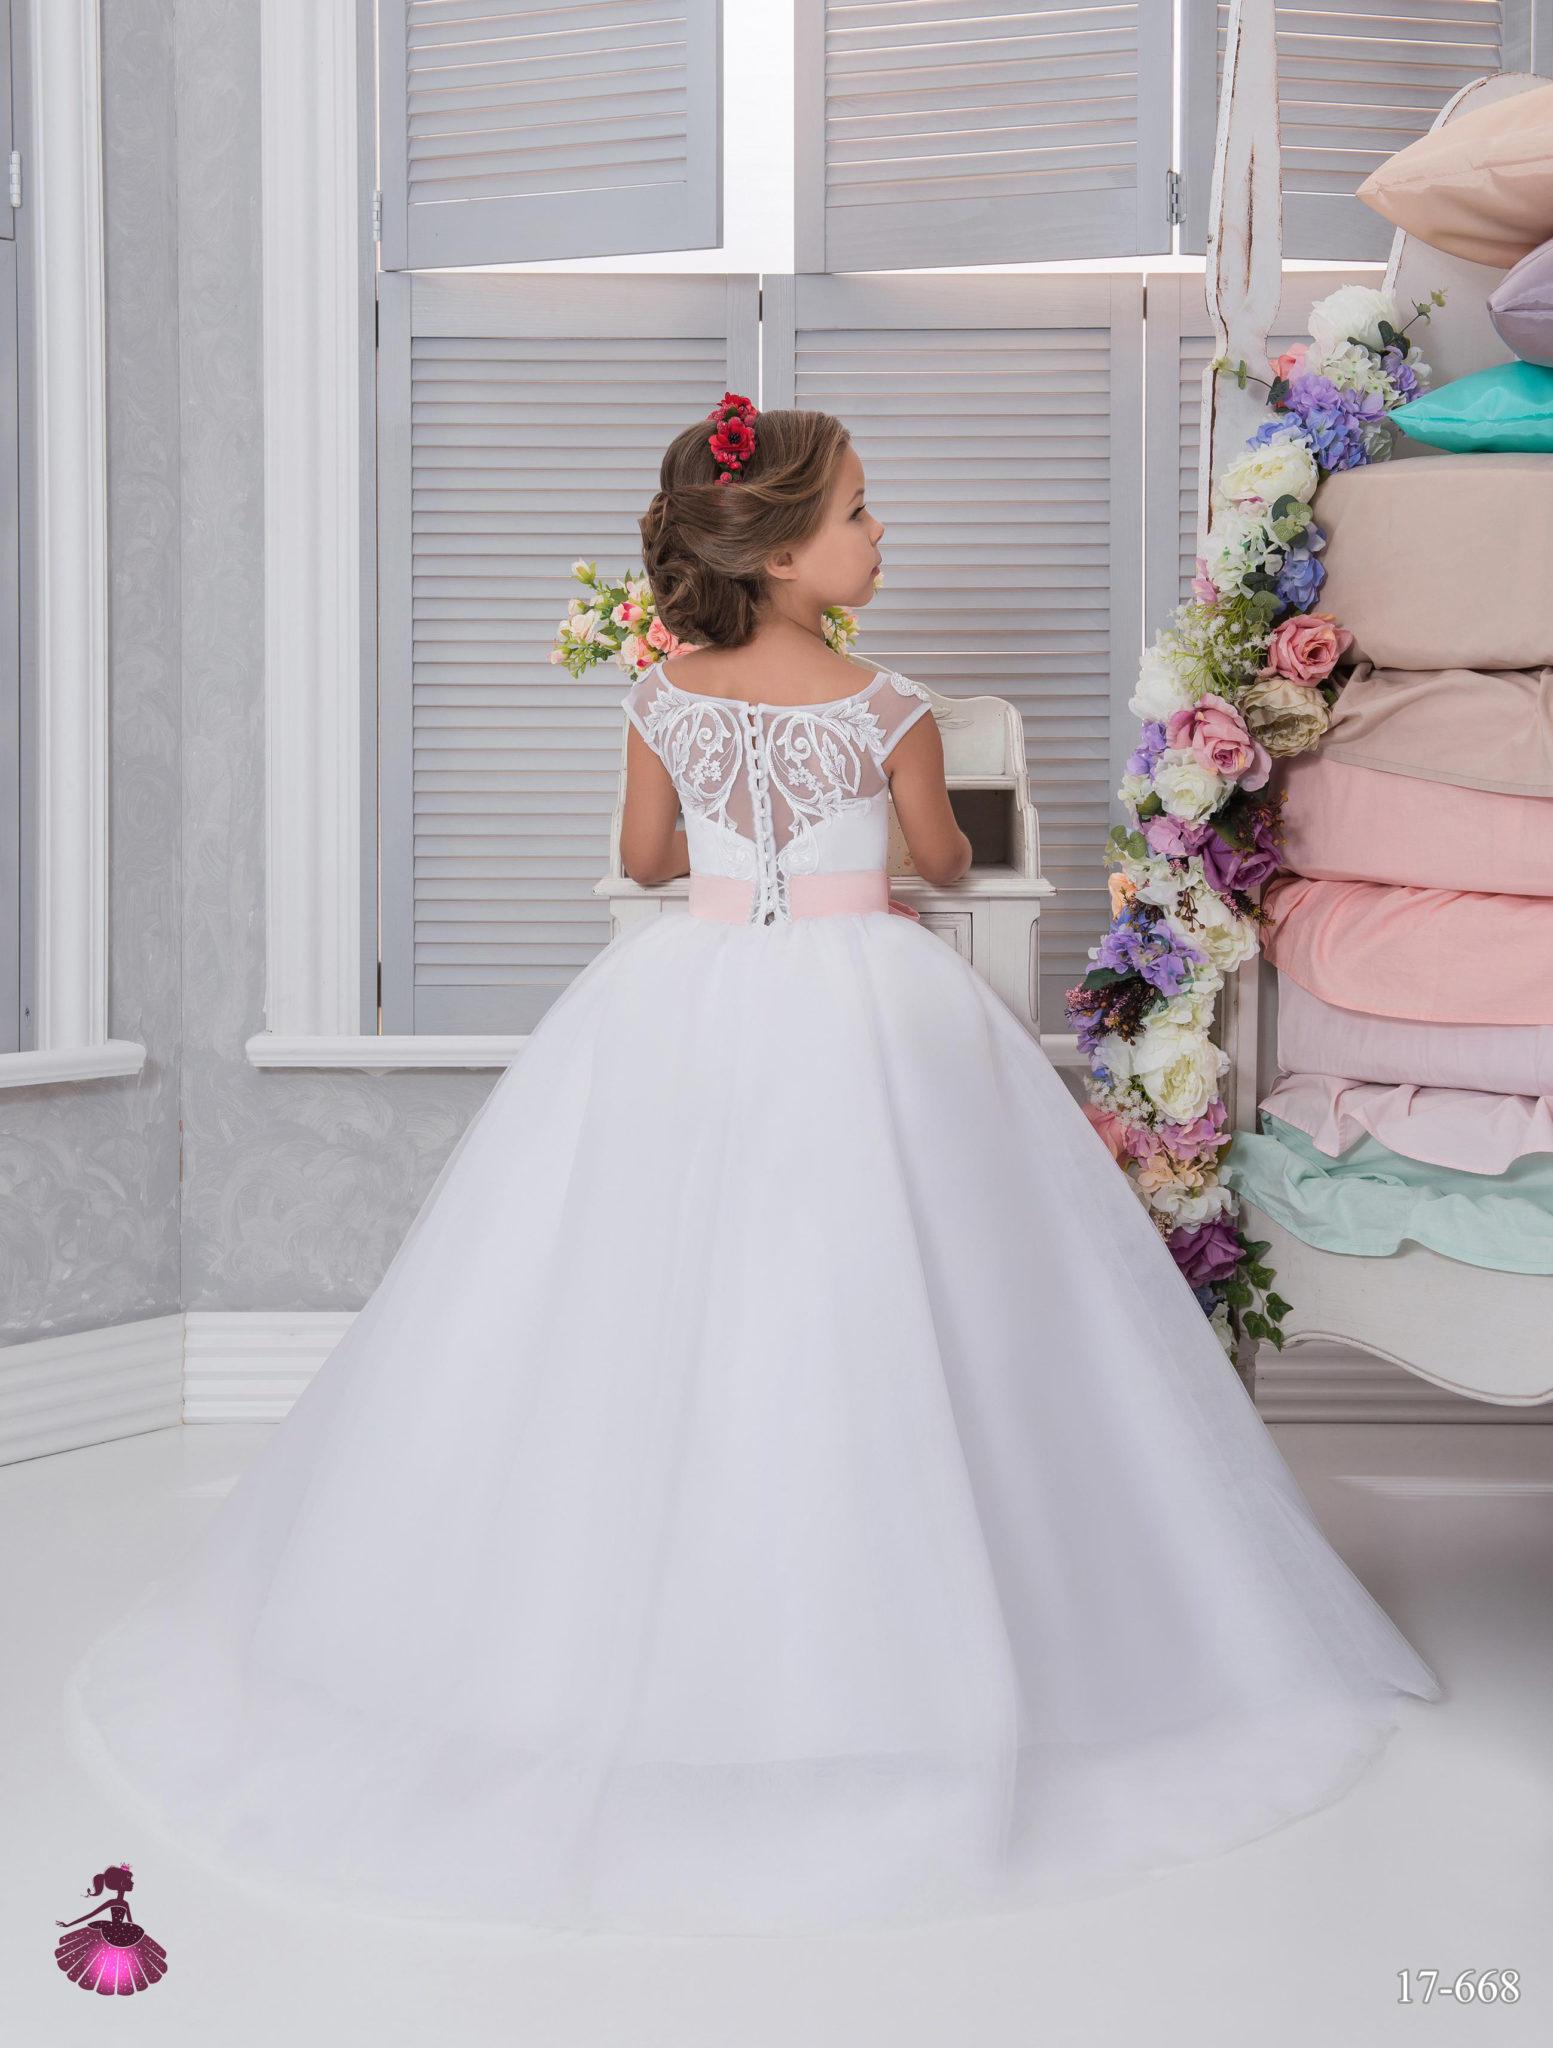 Аренда платьев Little queen dress в фотостудии Frontpage 17-668 02